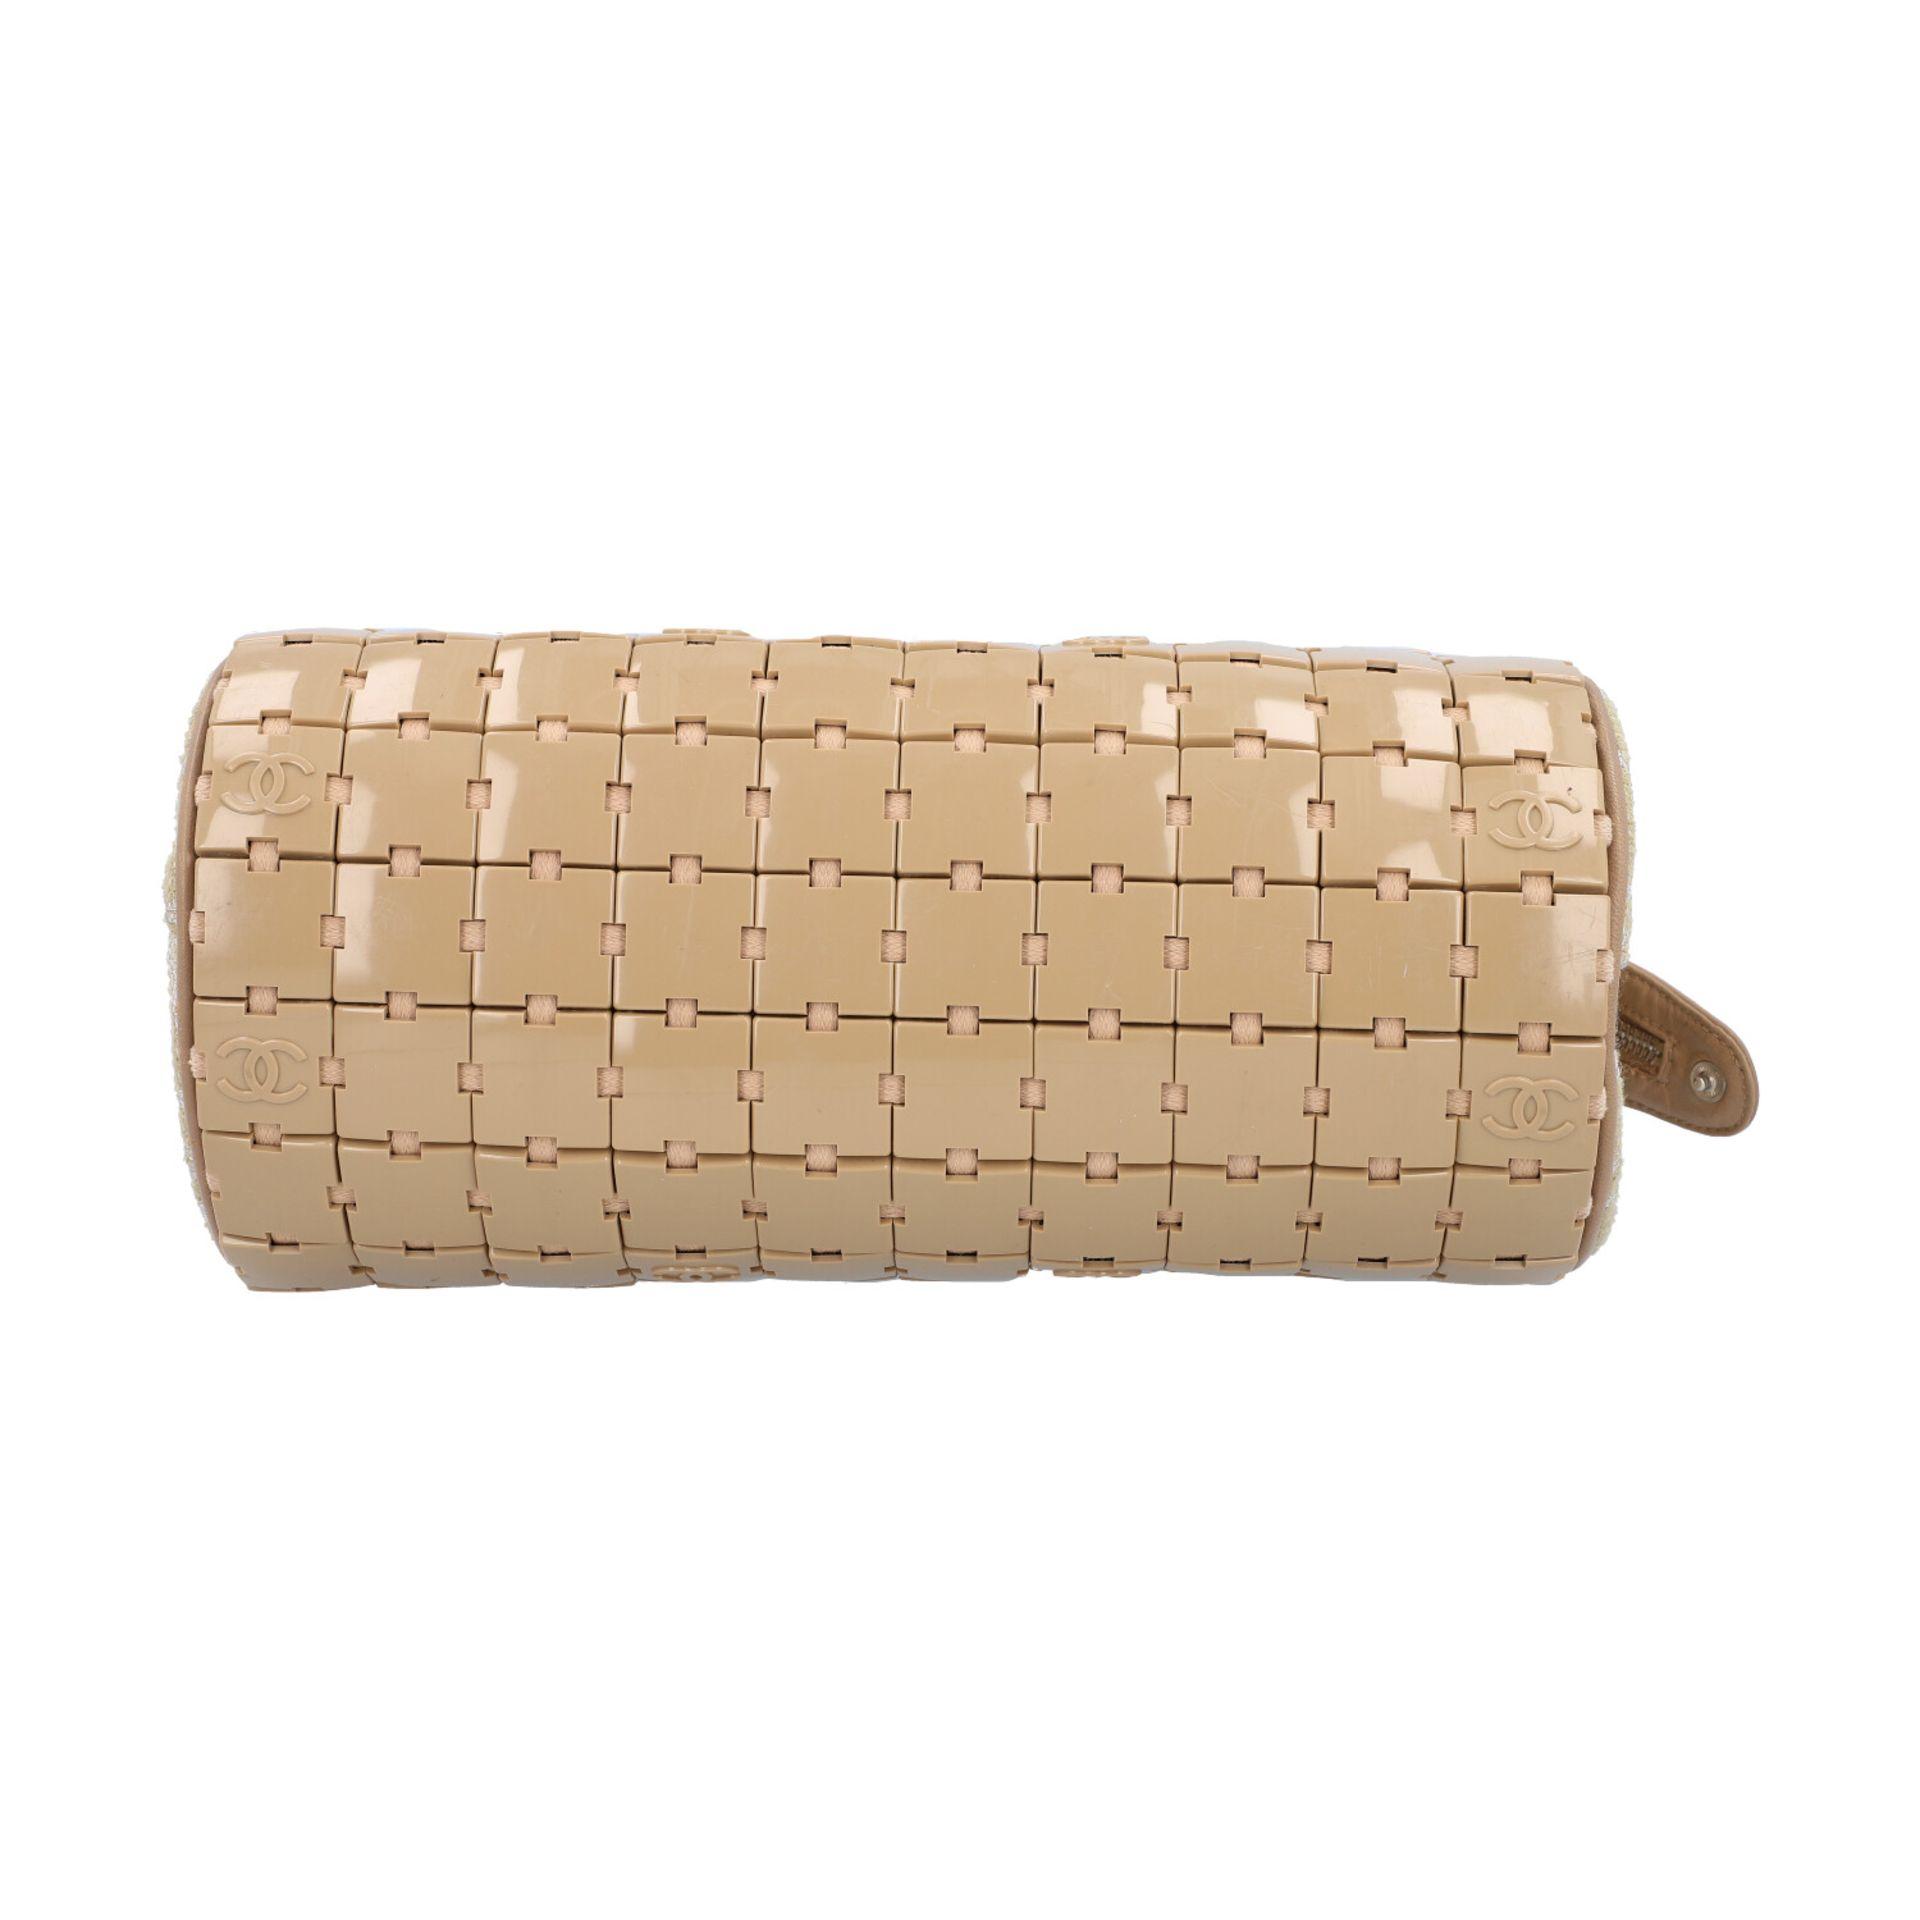 """CHANEL Handtasche """"PUZZLE BLOCK"""", Koll. 2000/2002.Textil, Leder und Kunststoff in Beige. Puzzle- - Bild 5 aus 8"""